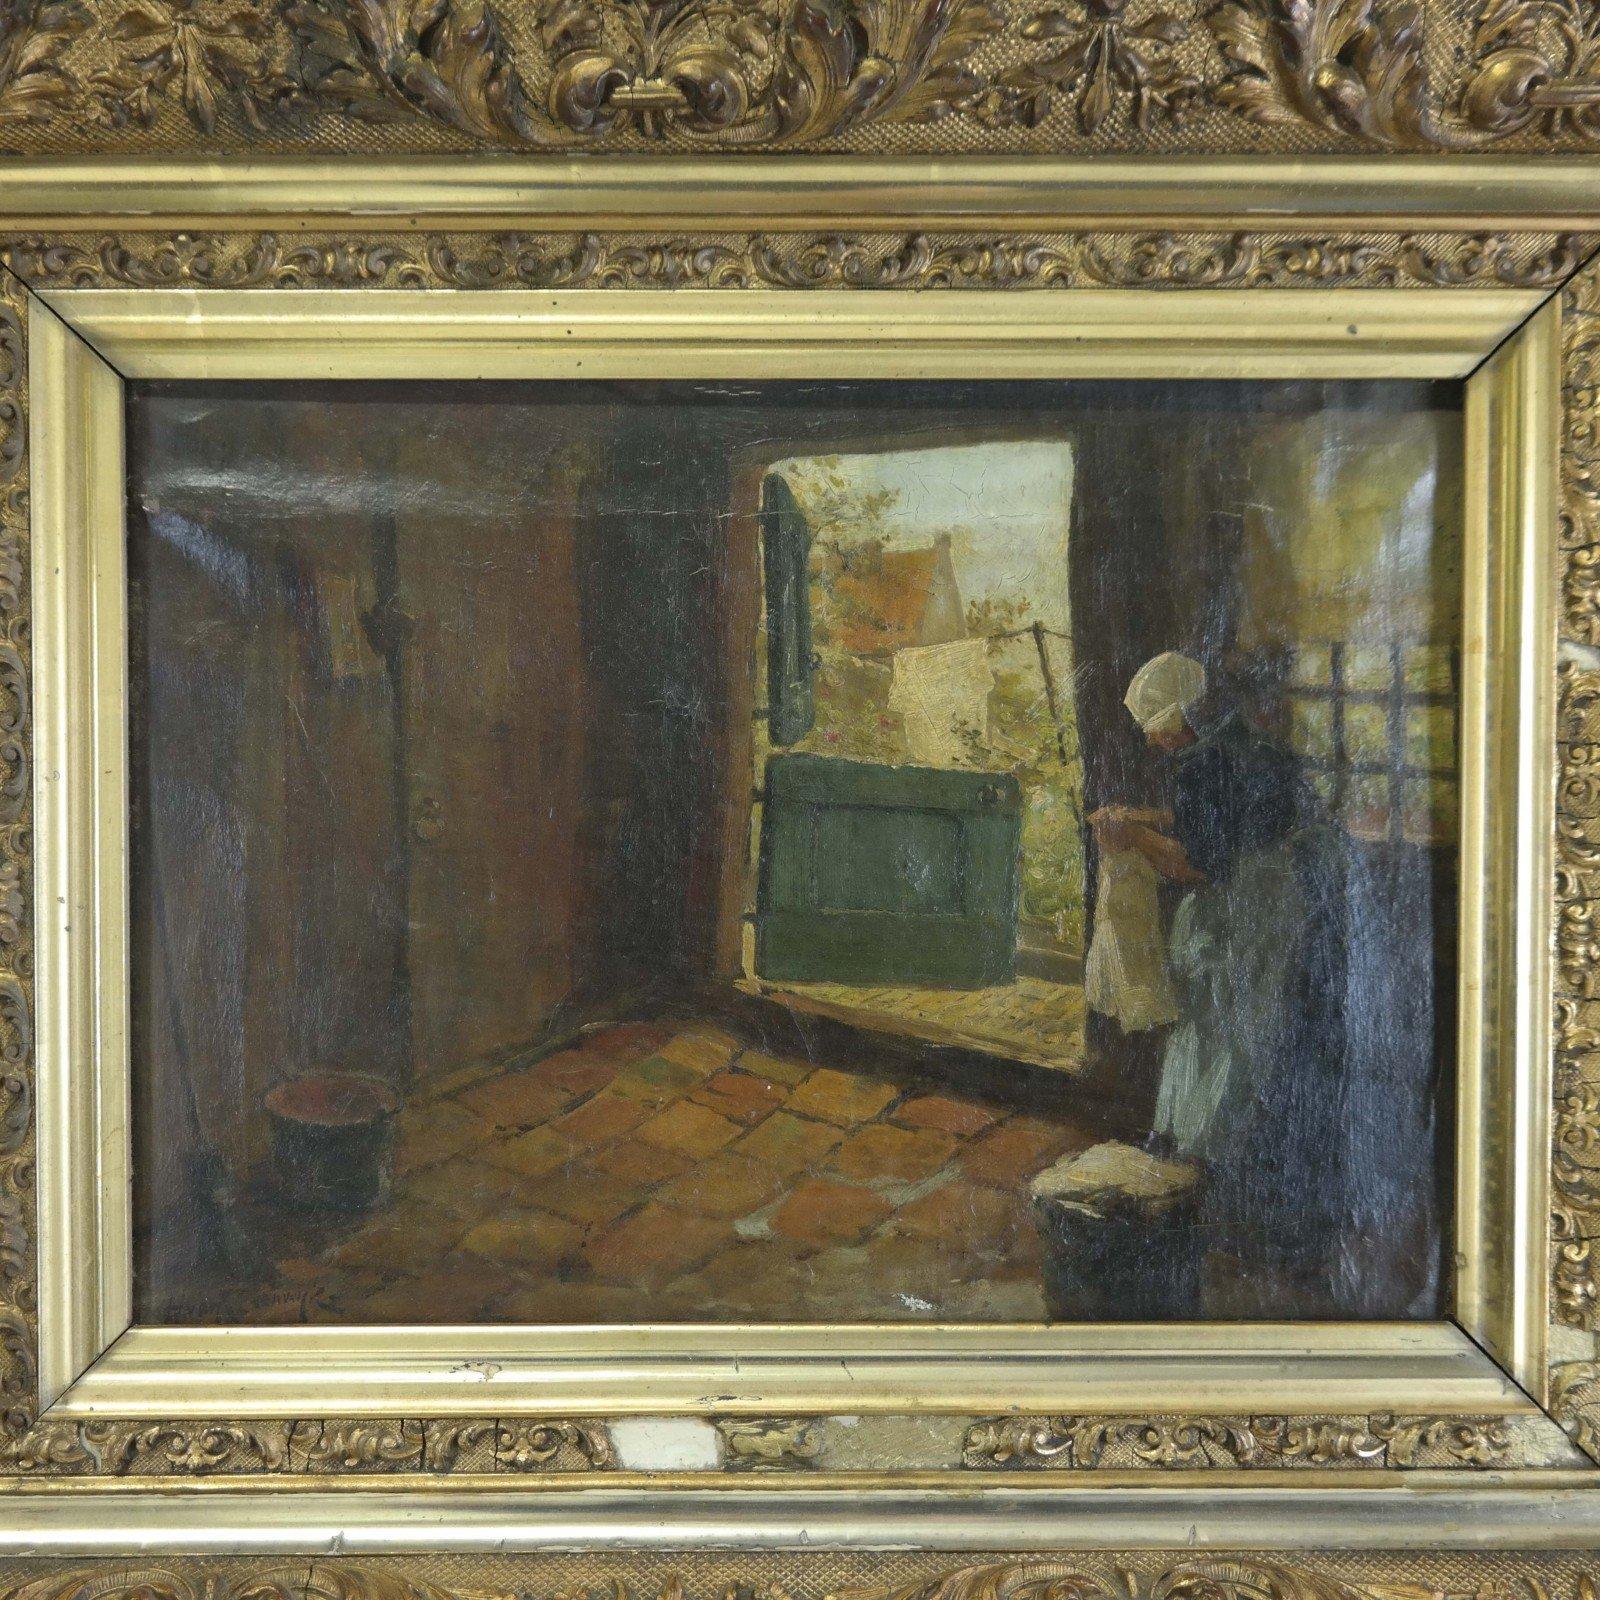 Hendrik van Steenwijk (1864-1937)